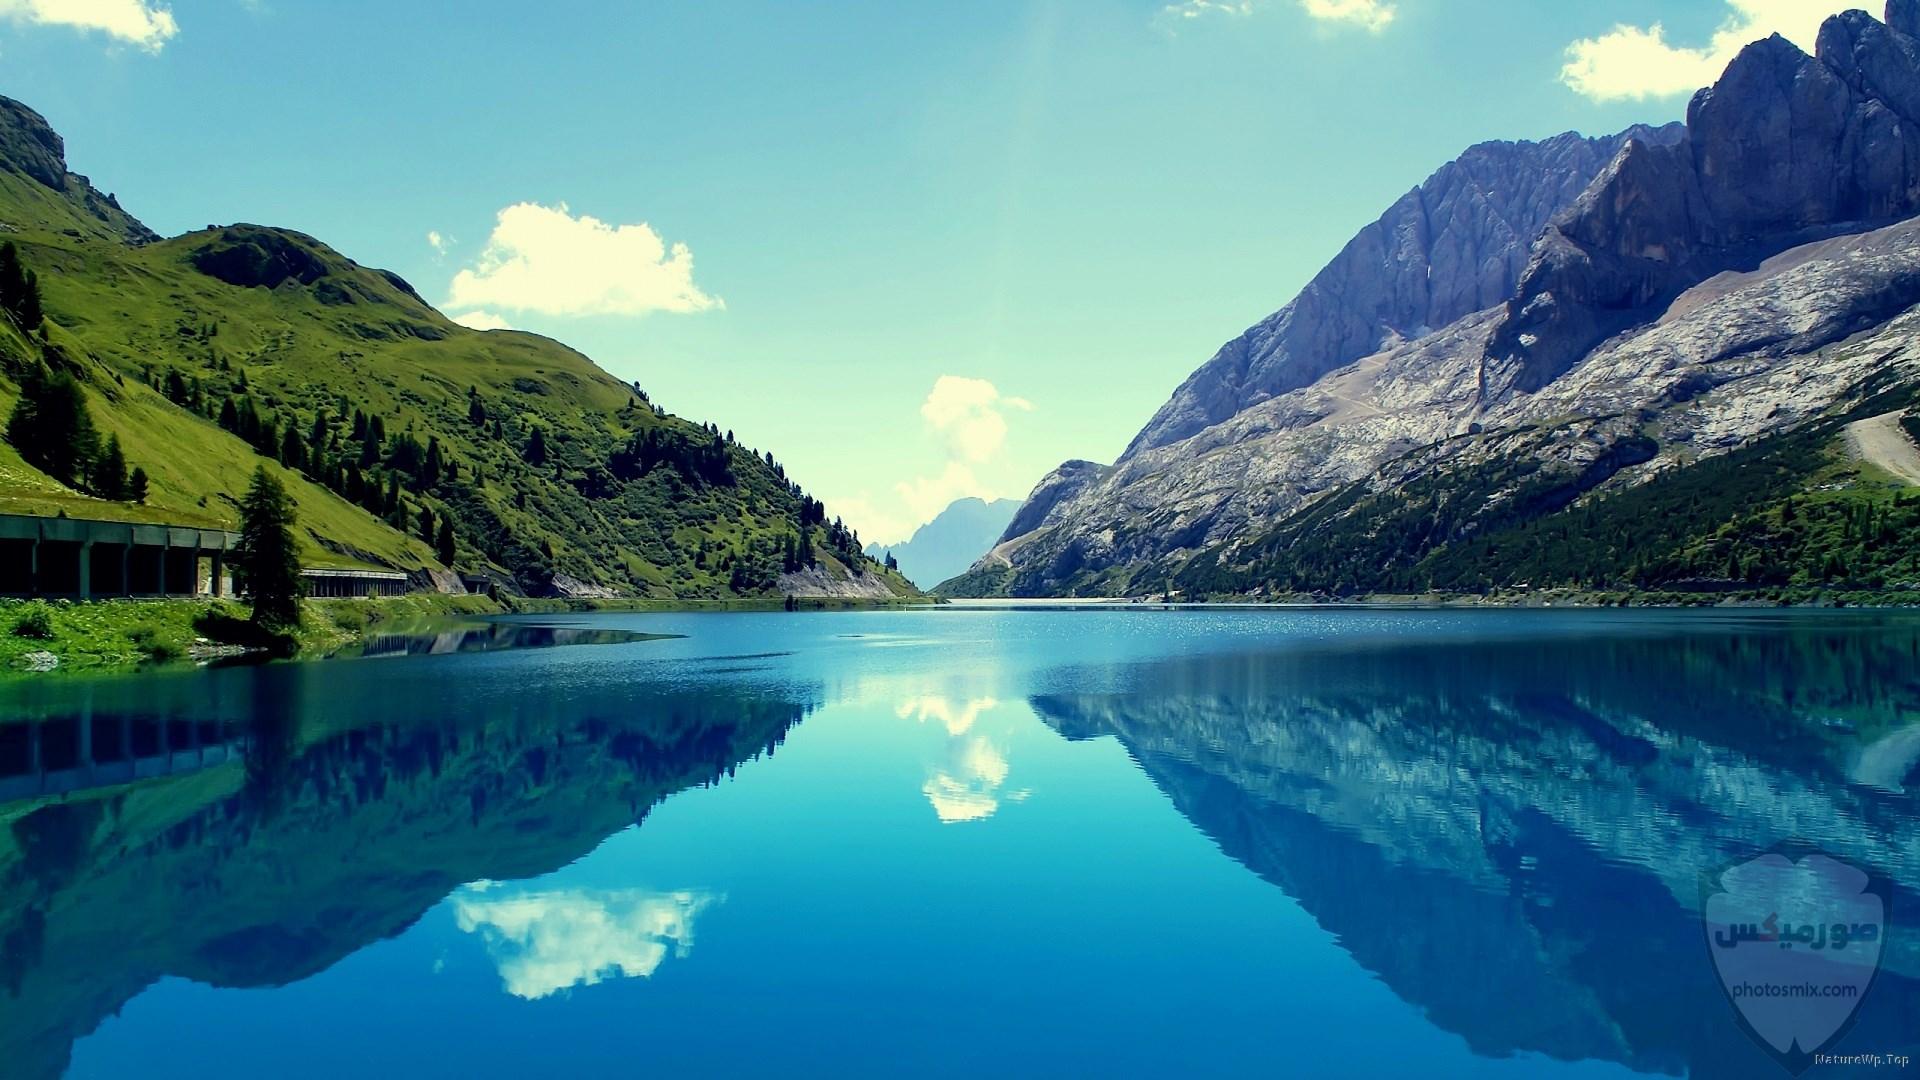 صور وخلفيات جبال وشلالات طبيعية HD خلفيات جبال خضراء وثلجية 21